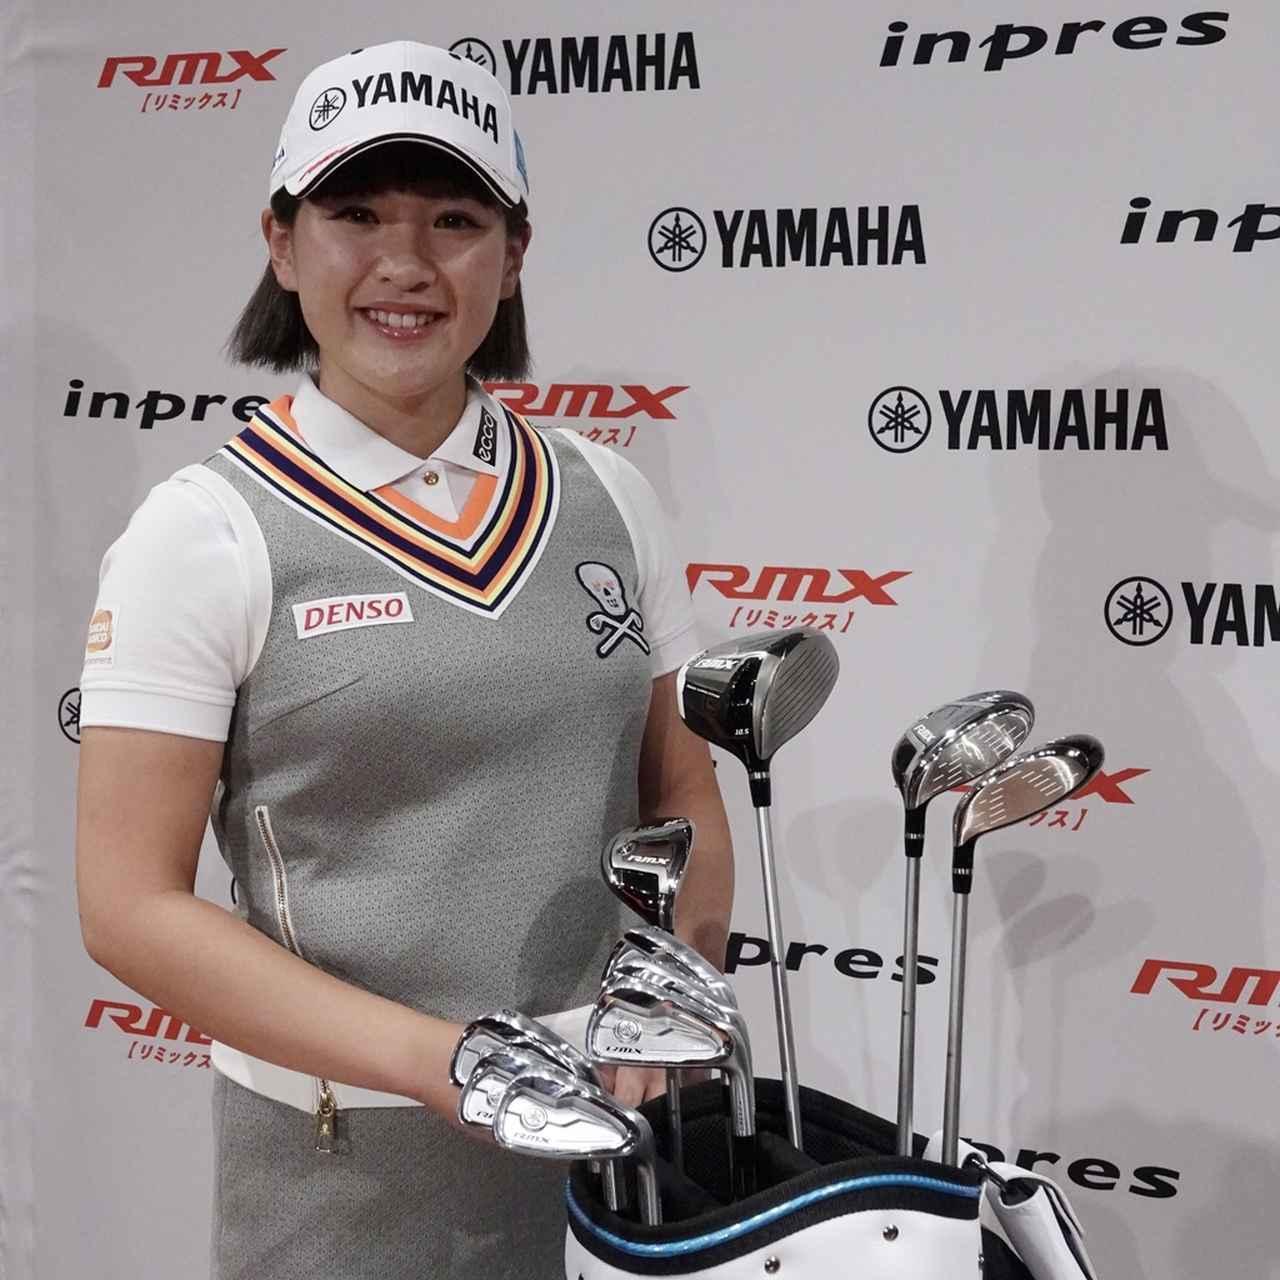 画像: ヤマハゴルフの契約選手となった永井花奈